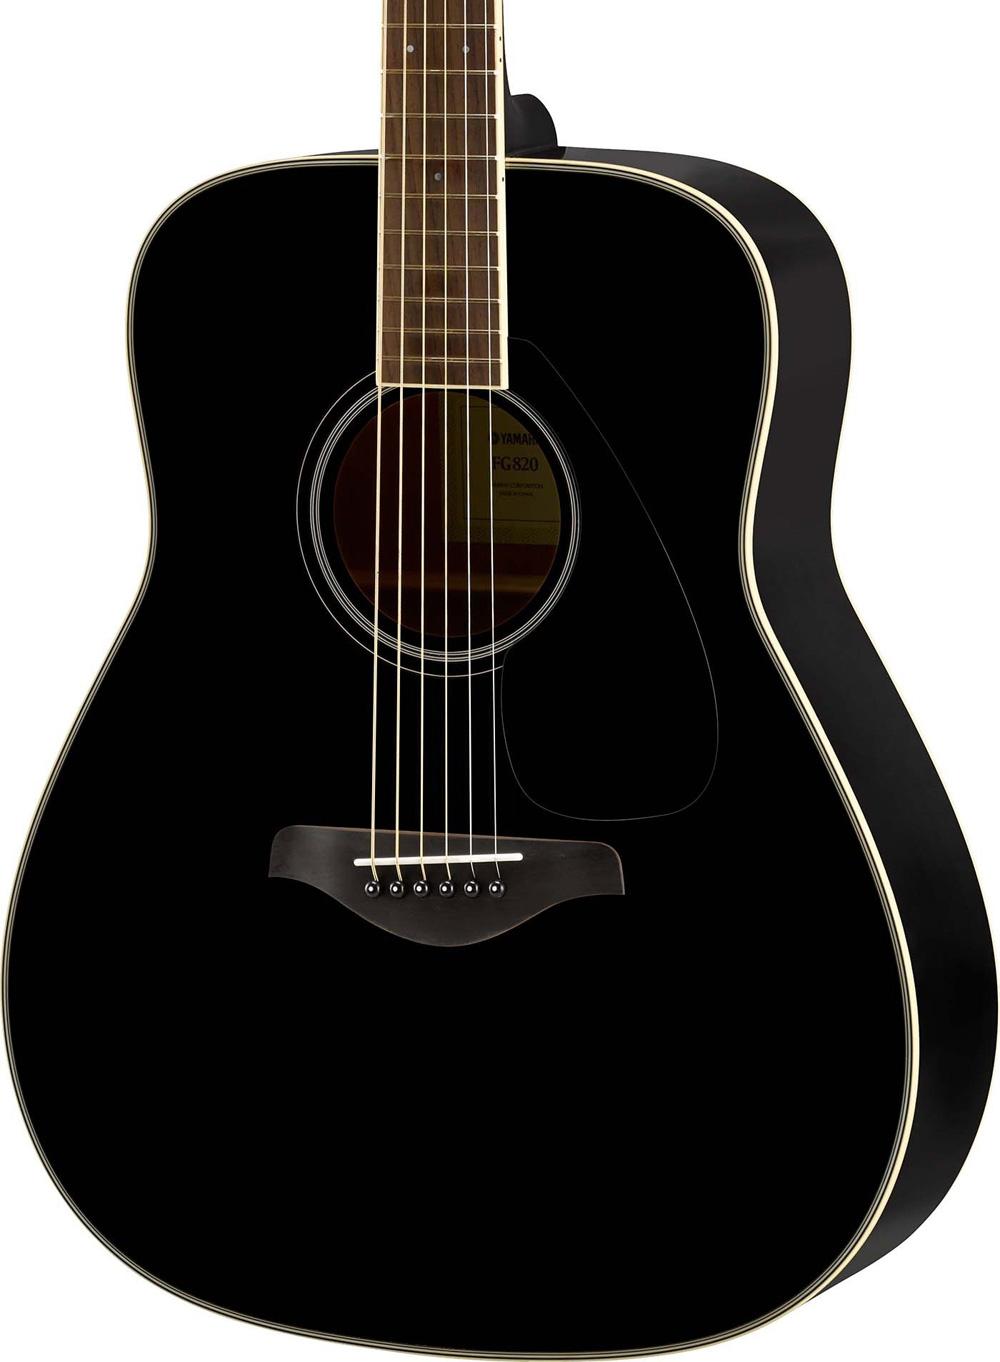 yamaha fg820 bl dreadnought akustik gitarre inkl gigbag. Black Bedroom Furniture Sets. Home Design Ideas